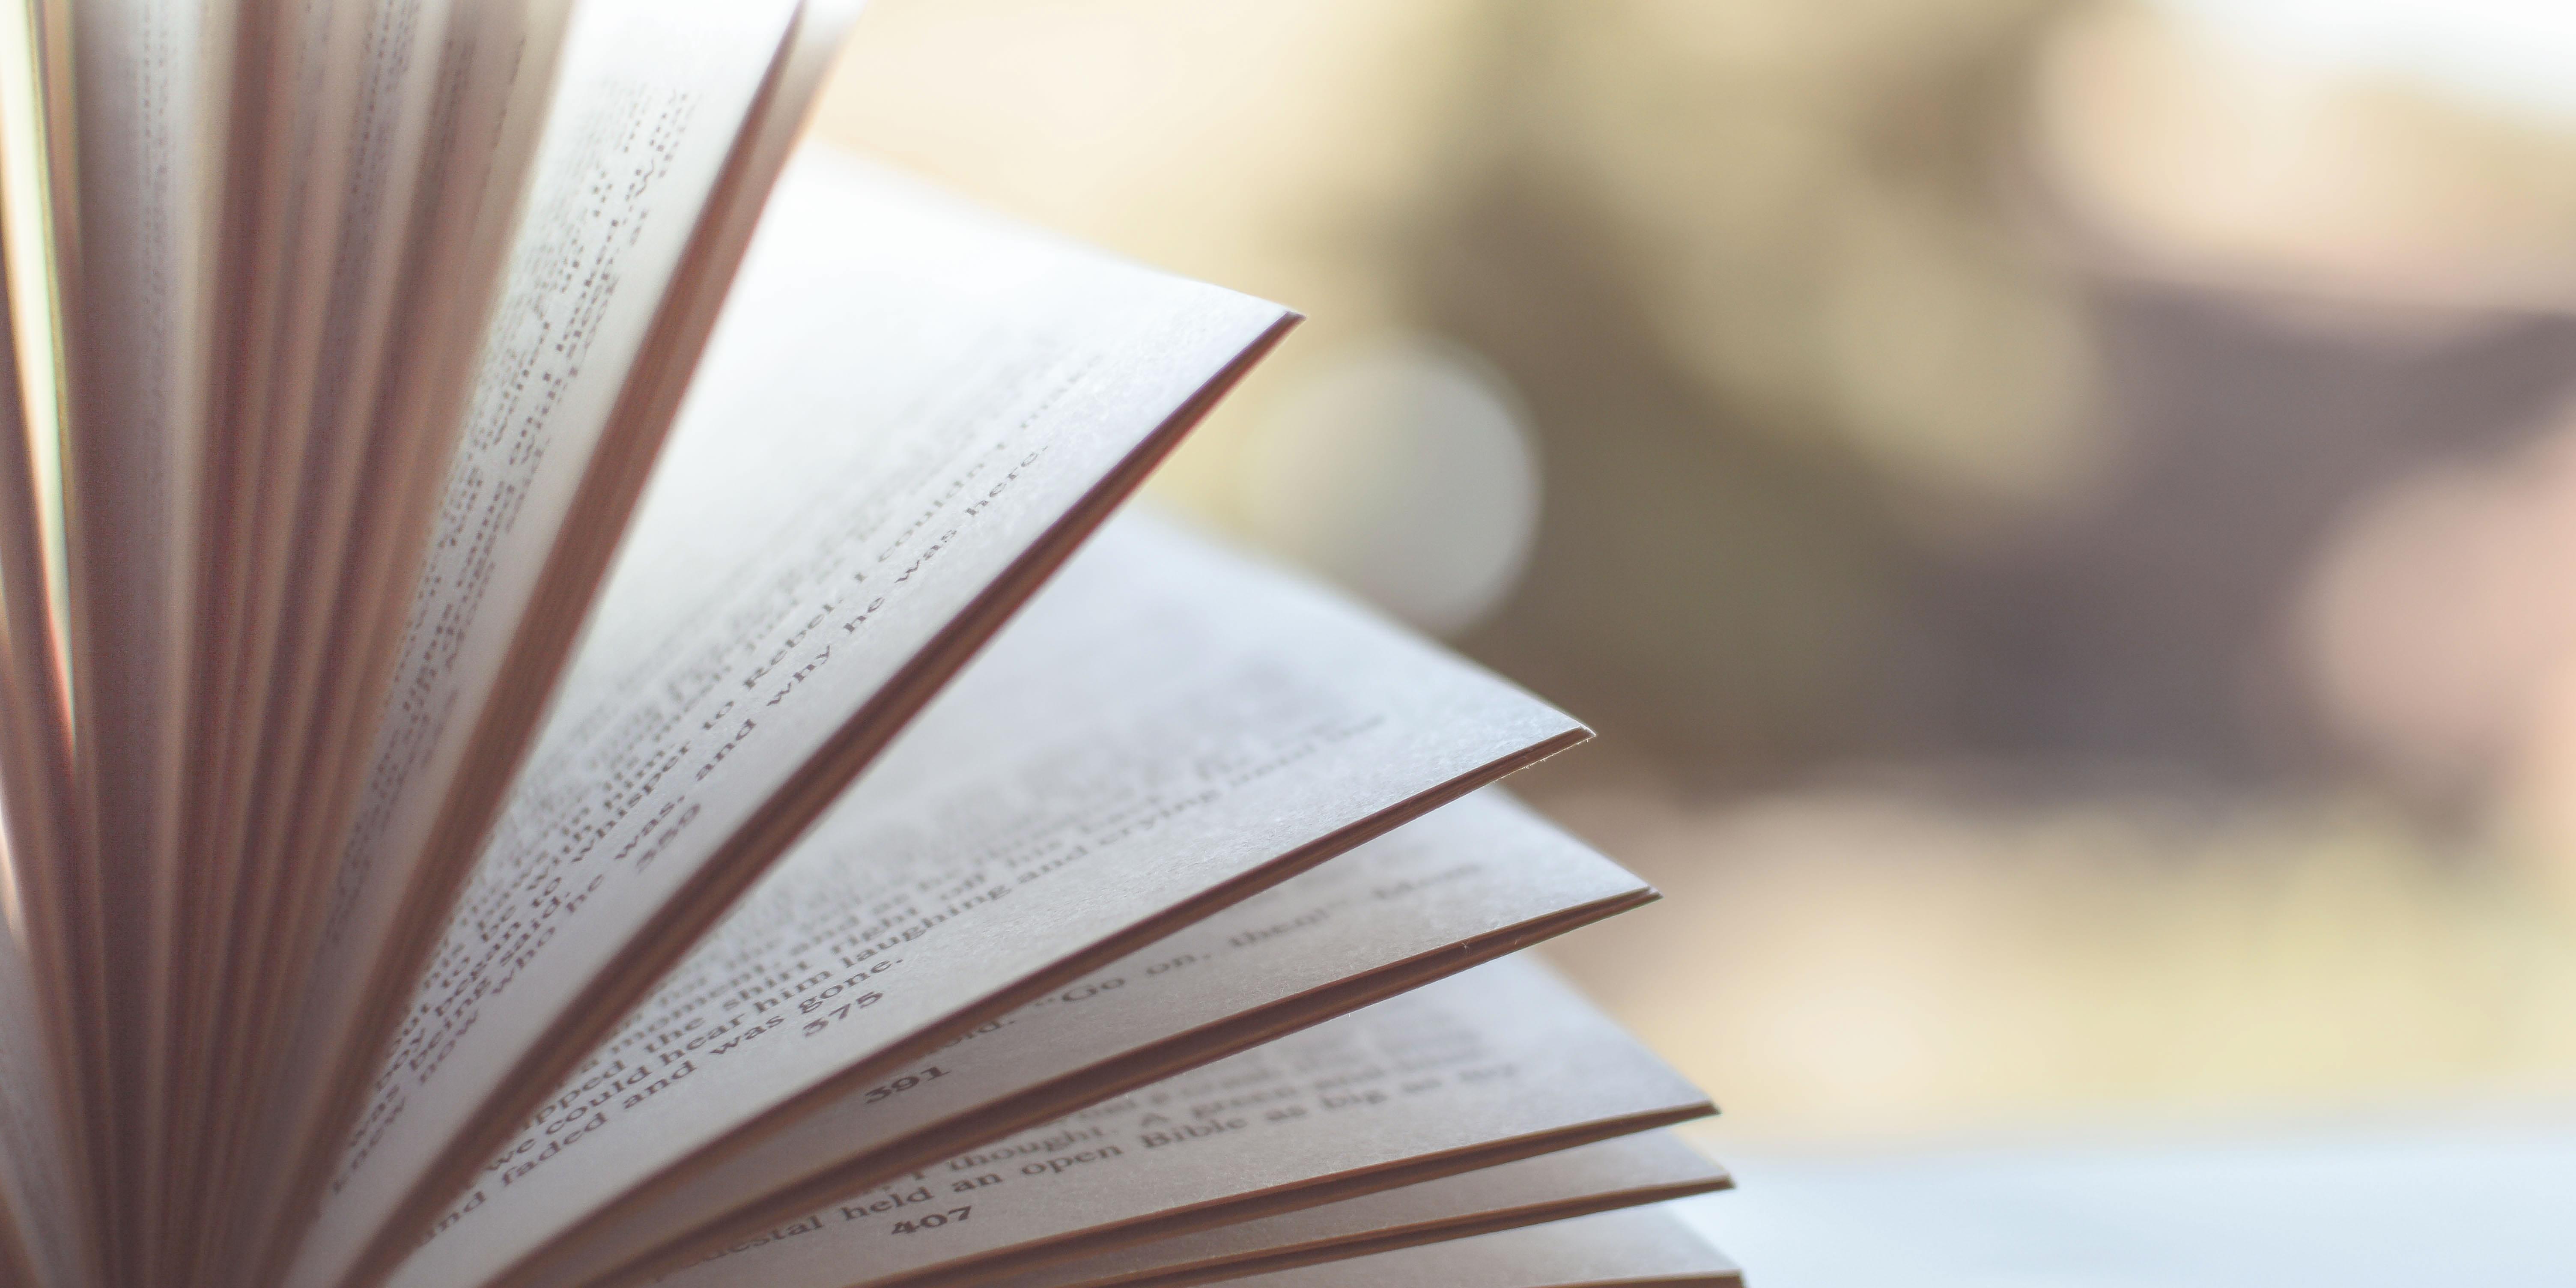 Wil je jouw manuscript laten beoordelen?